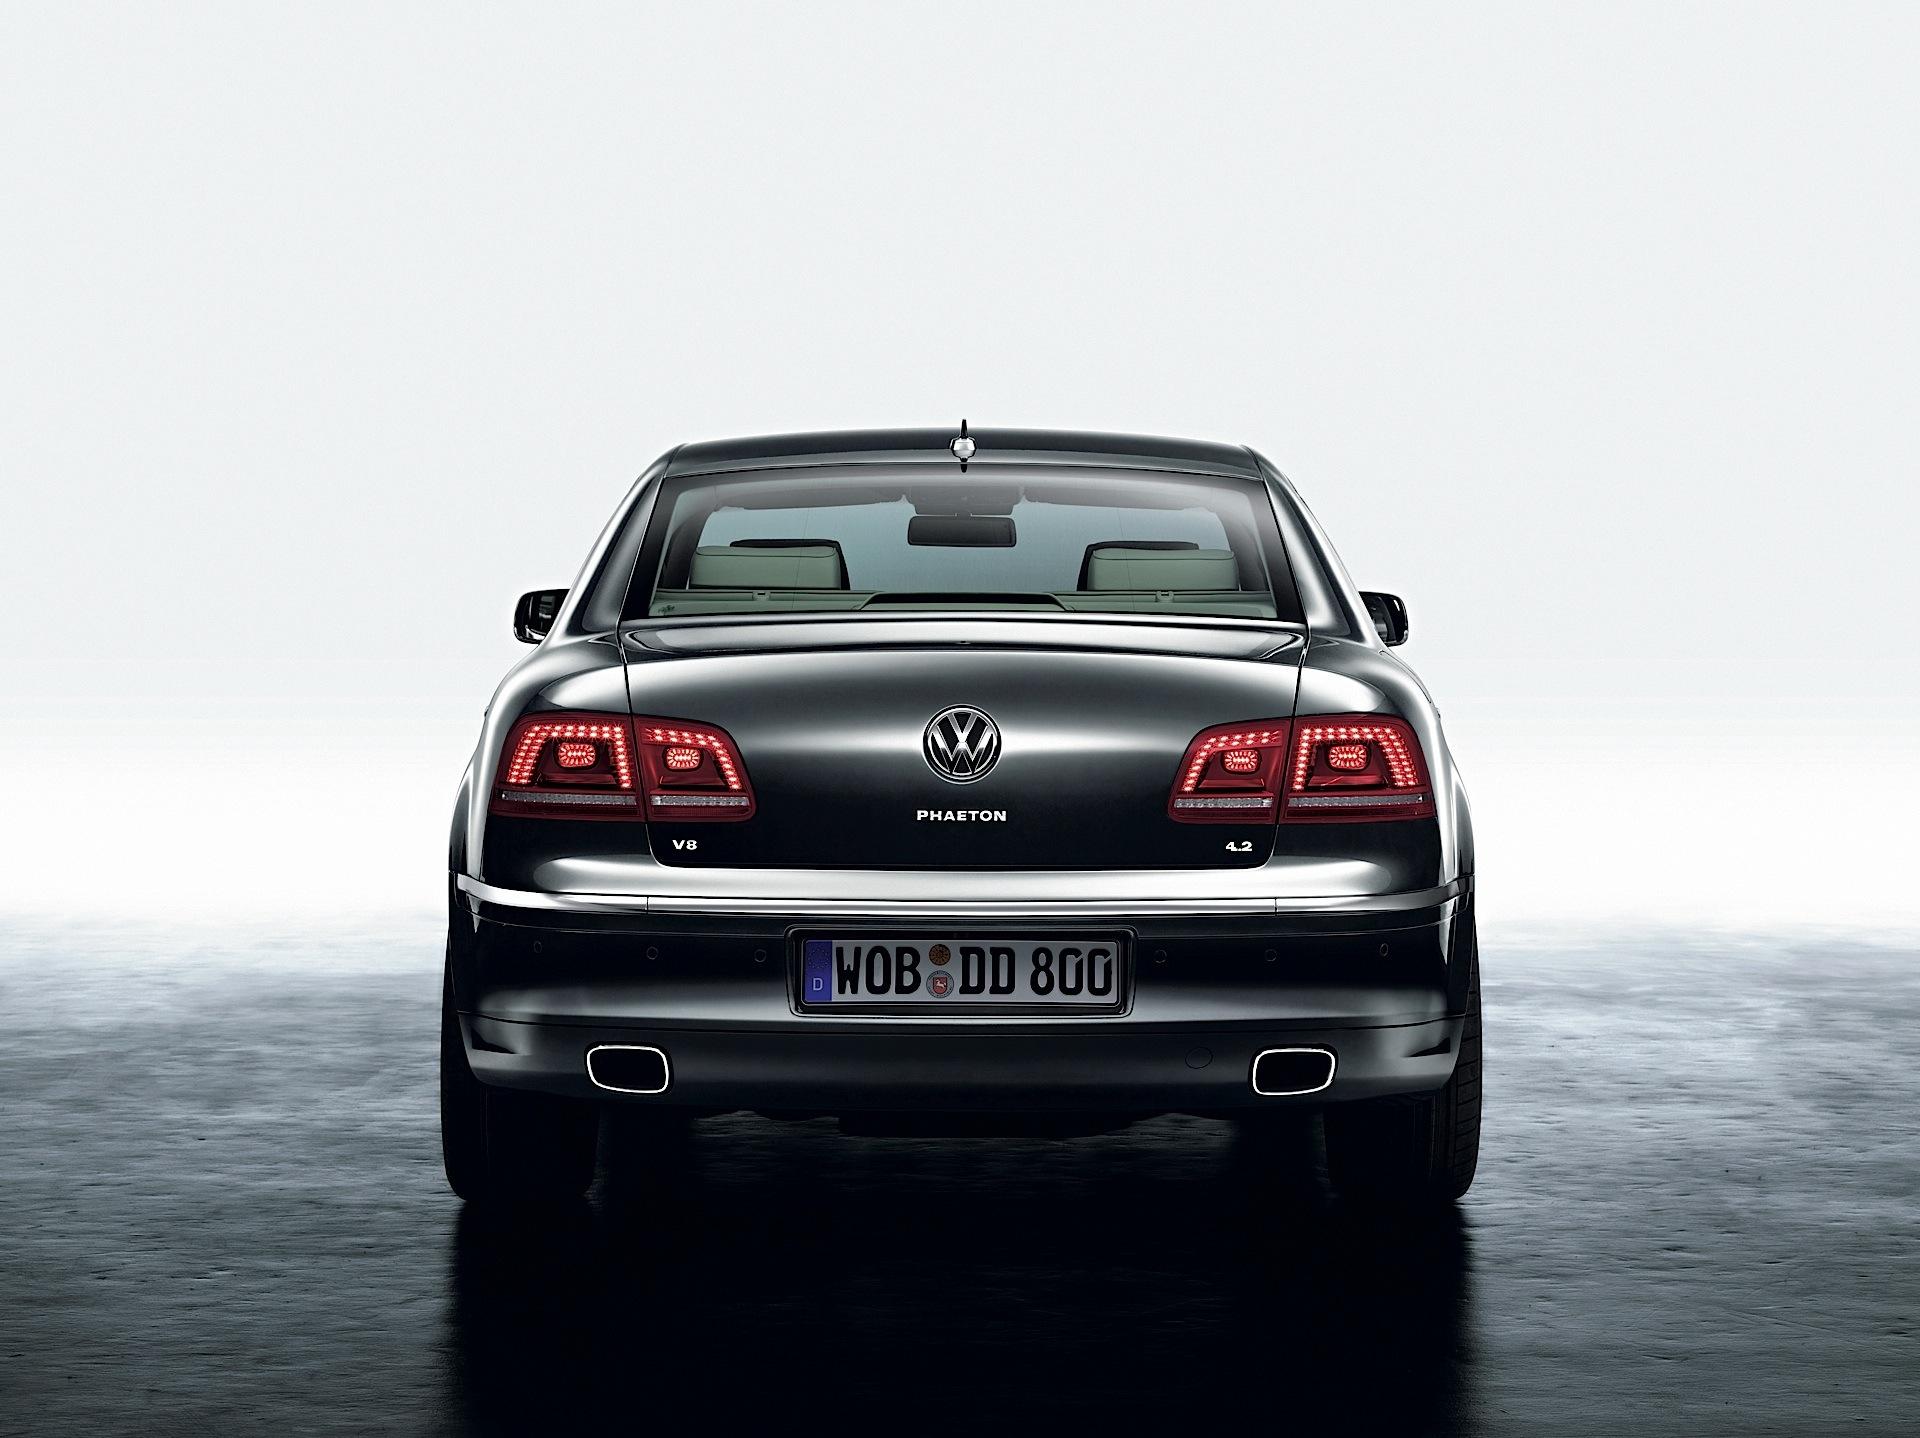 Volkswagen Phaeton I Restyling 2010 - 2016 Sedan #7